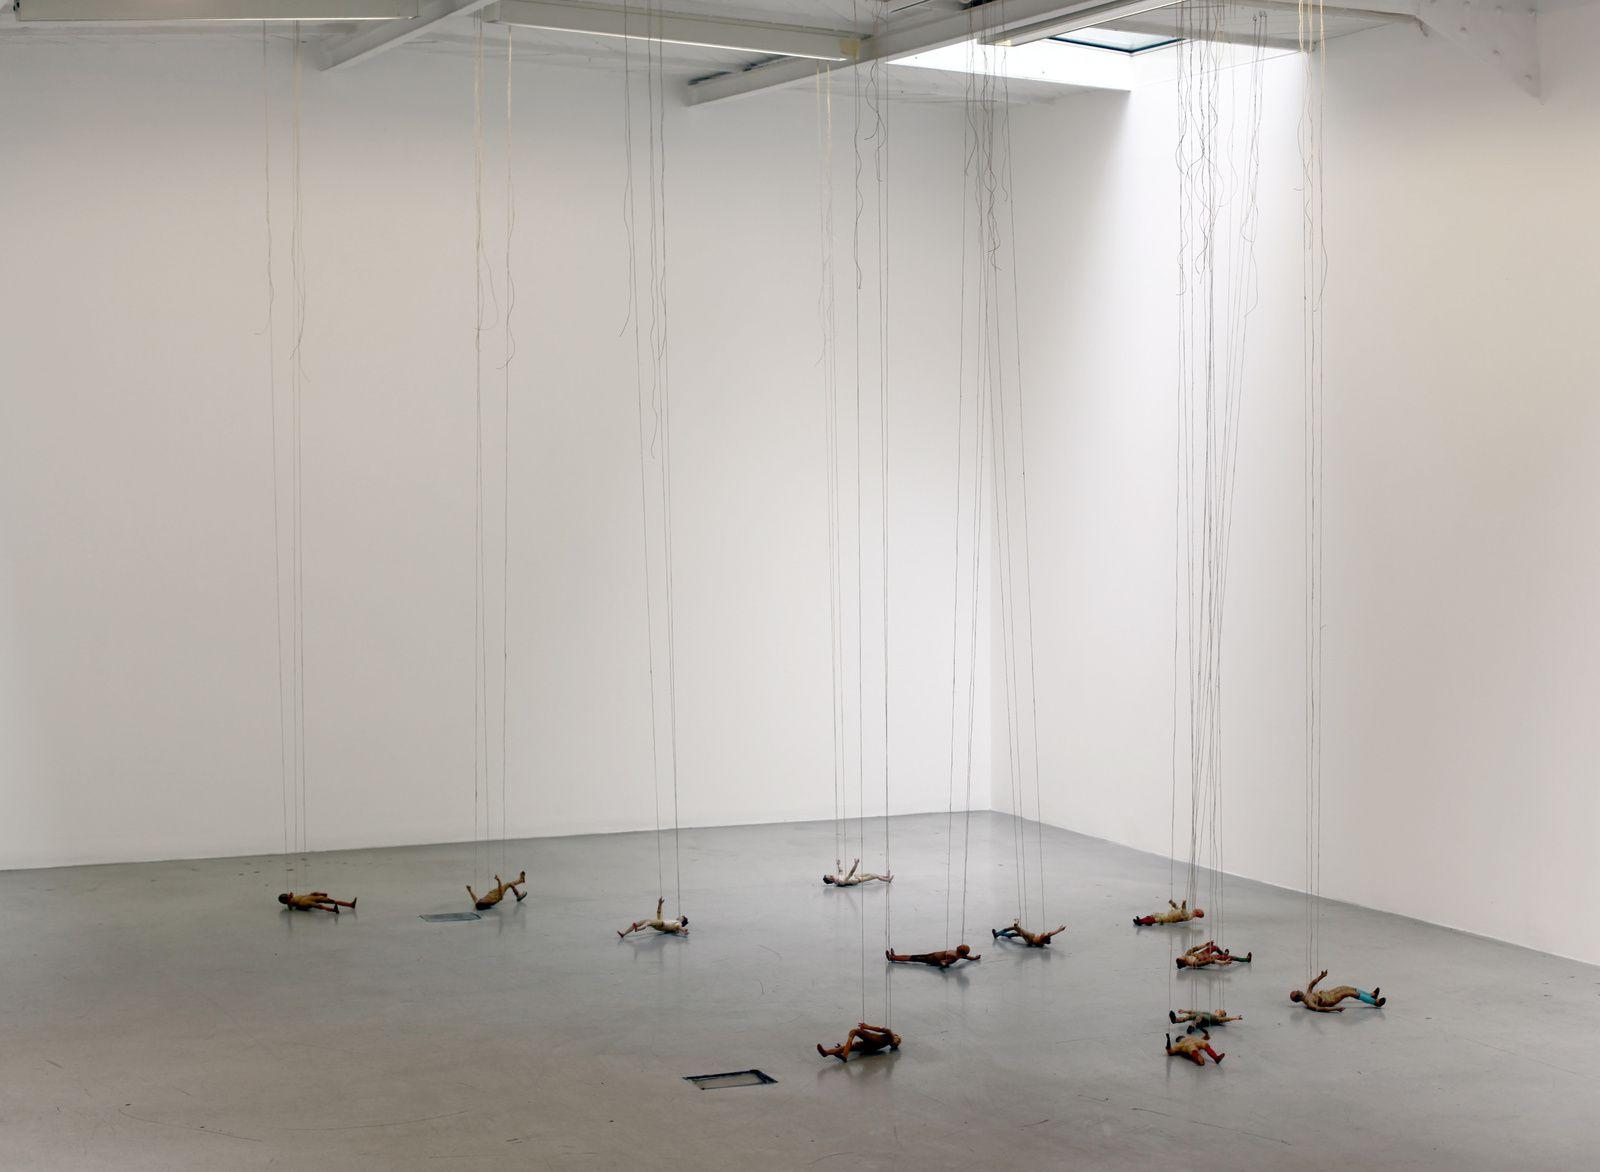 """""""Senza titolo (Personnaggi)"""", 2018 de Latifa ECHAKHCH - Courtesy de l'artiste et Galerie Kamel Mennour © Photo Éric Simon"""